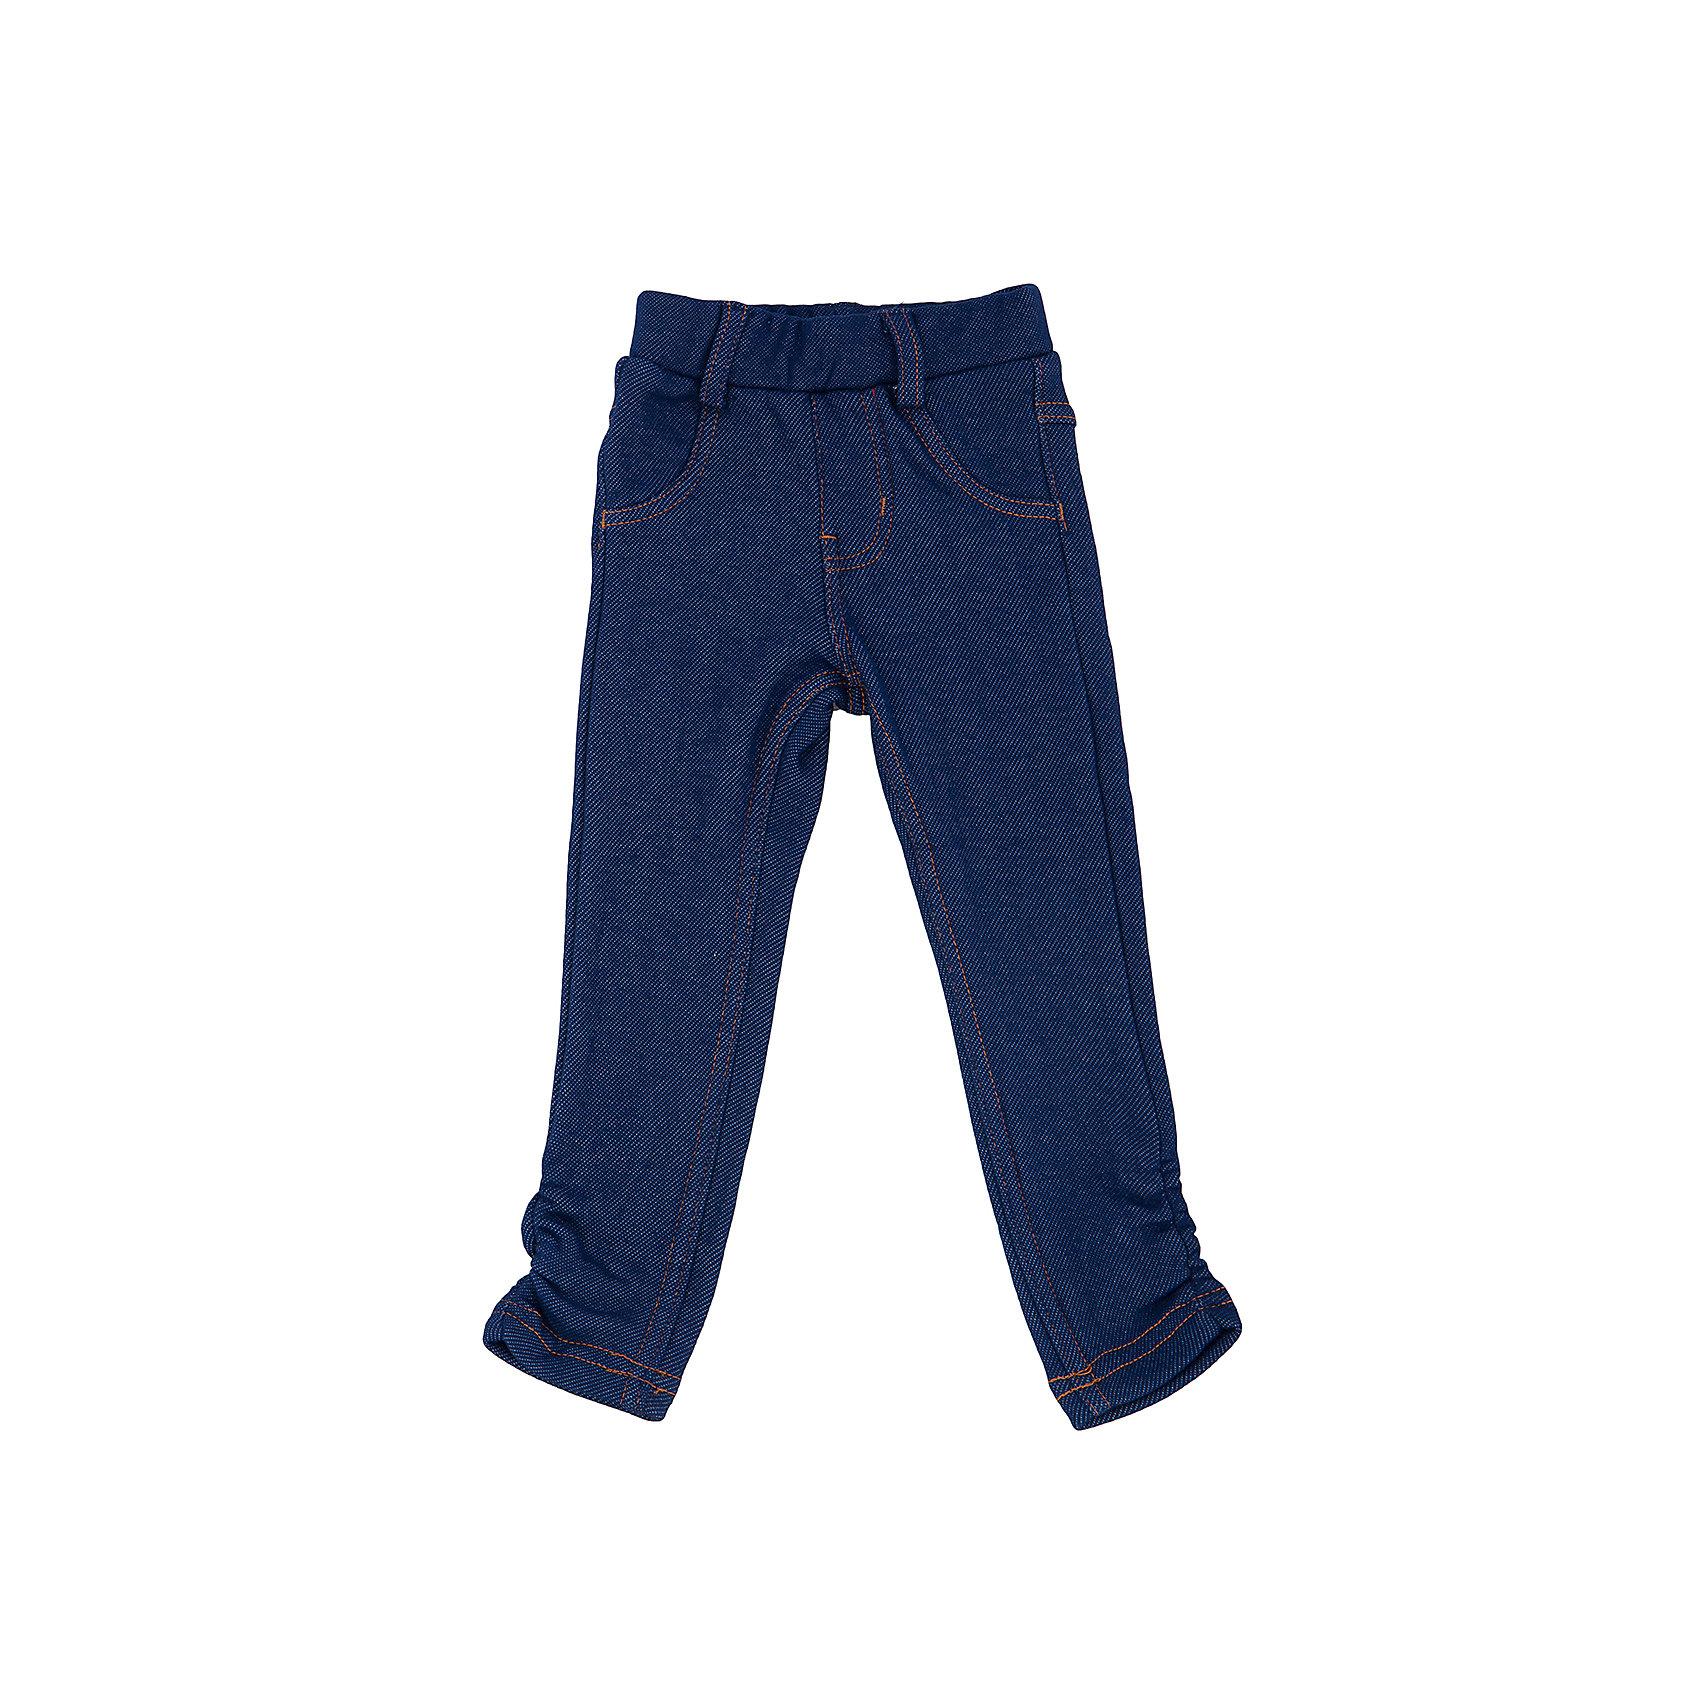 Леггинсы  для девочки Sweet BerryБрюки<br>Эта модель джеггинсов отличается модным дизайном и универсальной расцветкой под джинс. Удачный крой обеспечит ребенку комфорт и тепло. Плотный материал делает вещь идеальной для прохладной погоды. Она хорошо прилегает к телу там, где нужно, и отлично сидит по фигуре. Натуральный хлопок в составе материала обеспечит коже возможность дышать и не вызовет аллергии. В поясе - мягкая резинка со шнурком.<br>Одежда от бренда Sweet Berry - это простой и выгодный способ одеть ребенка удобно и стильно. Всё изделия тщательно проработаны: швы - прочные, материал - качественный, фурнитура - подобранная специально для детей.<br><br>Дополнительная информация:<br><br>цвет: синий;<br>состав: 80% хлопок, 20% полиэстер, трикотаж;<br>в поясе - мягкая резинка.<br><br>Леггинсы для девочки от бренда Sweet Berry можно купить в нашем интернет-магазине.<br><br>Ширина мм: 215<br>Глубина мм: 88<br>Высота мм: 191<br>Вес г: 336<br>Цвет: синий<br>Возраст от месяцев: 24<br>Возраст до месяцев: 36<br>Пол: Женский<br>Возраст: Детский<br>Размер: 98,80,86,92<br>SKU: 4931288